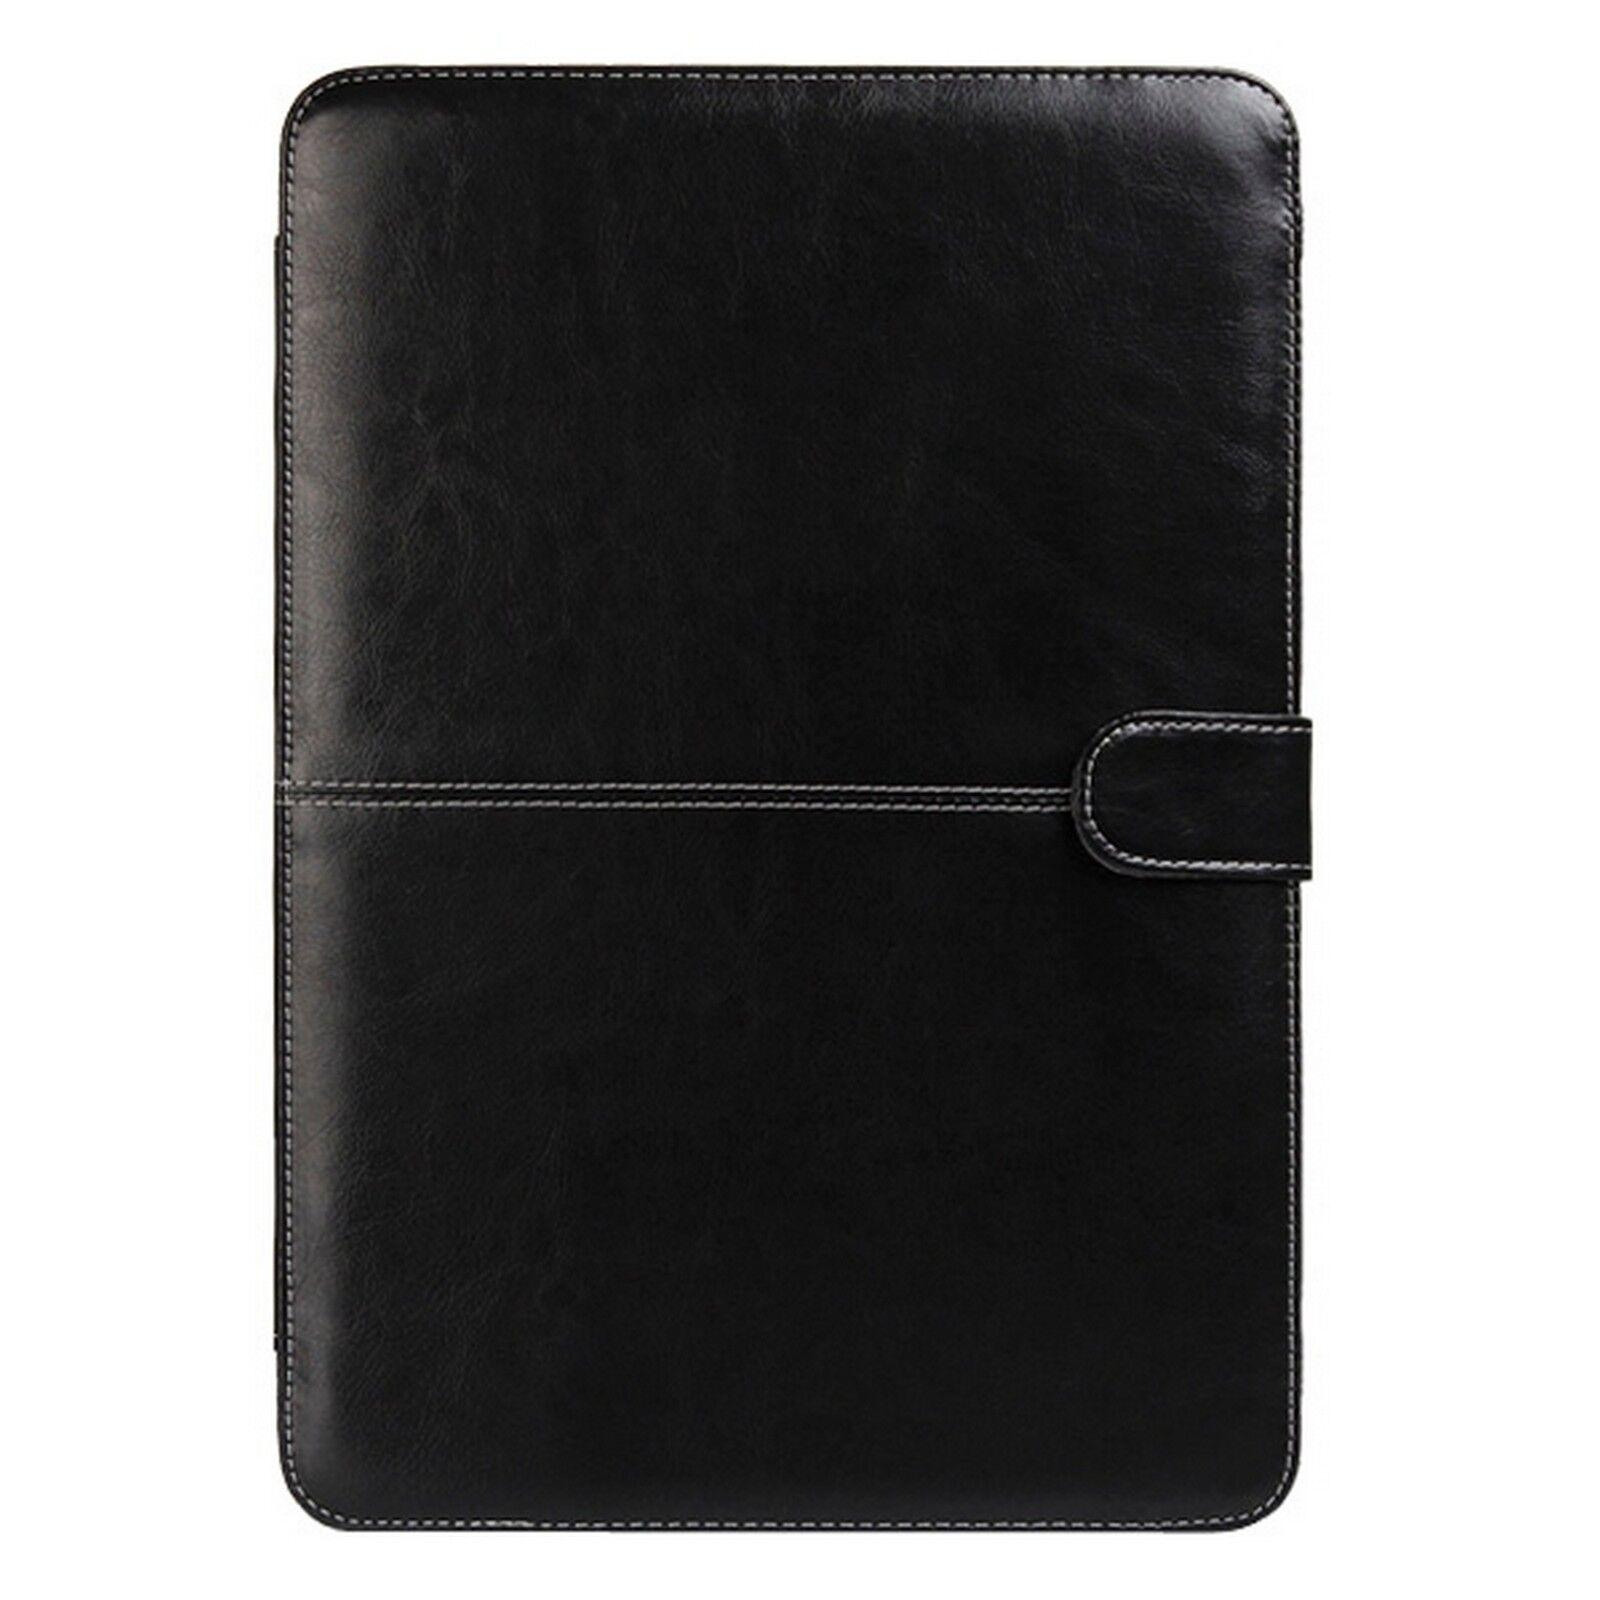 digital bay custodia cover nero elegante eco pelle per macbook pro 15.4 non retina